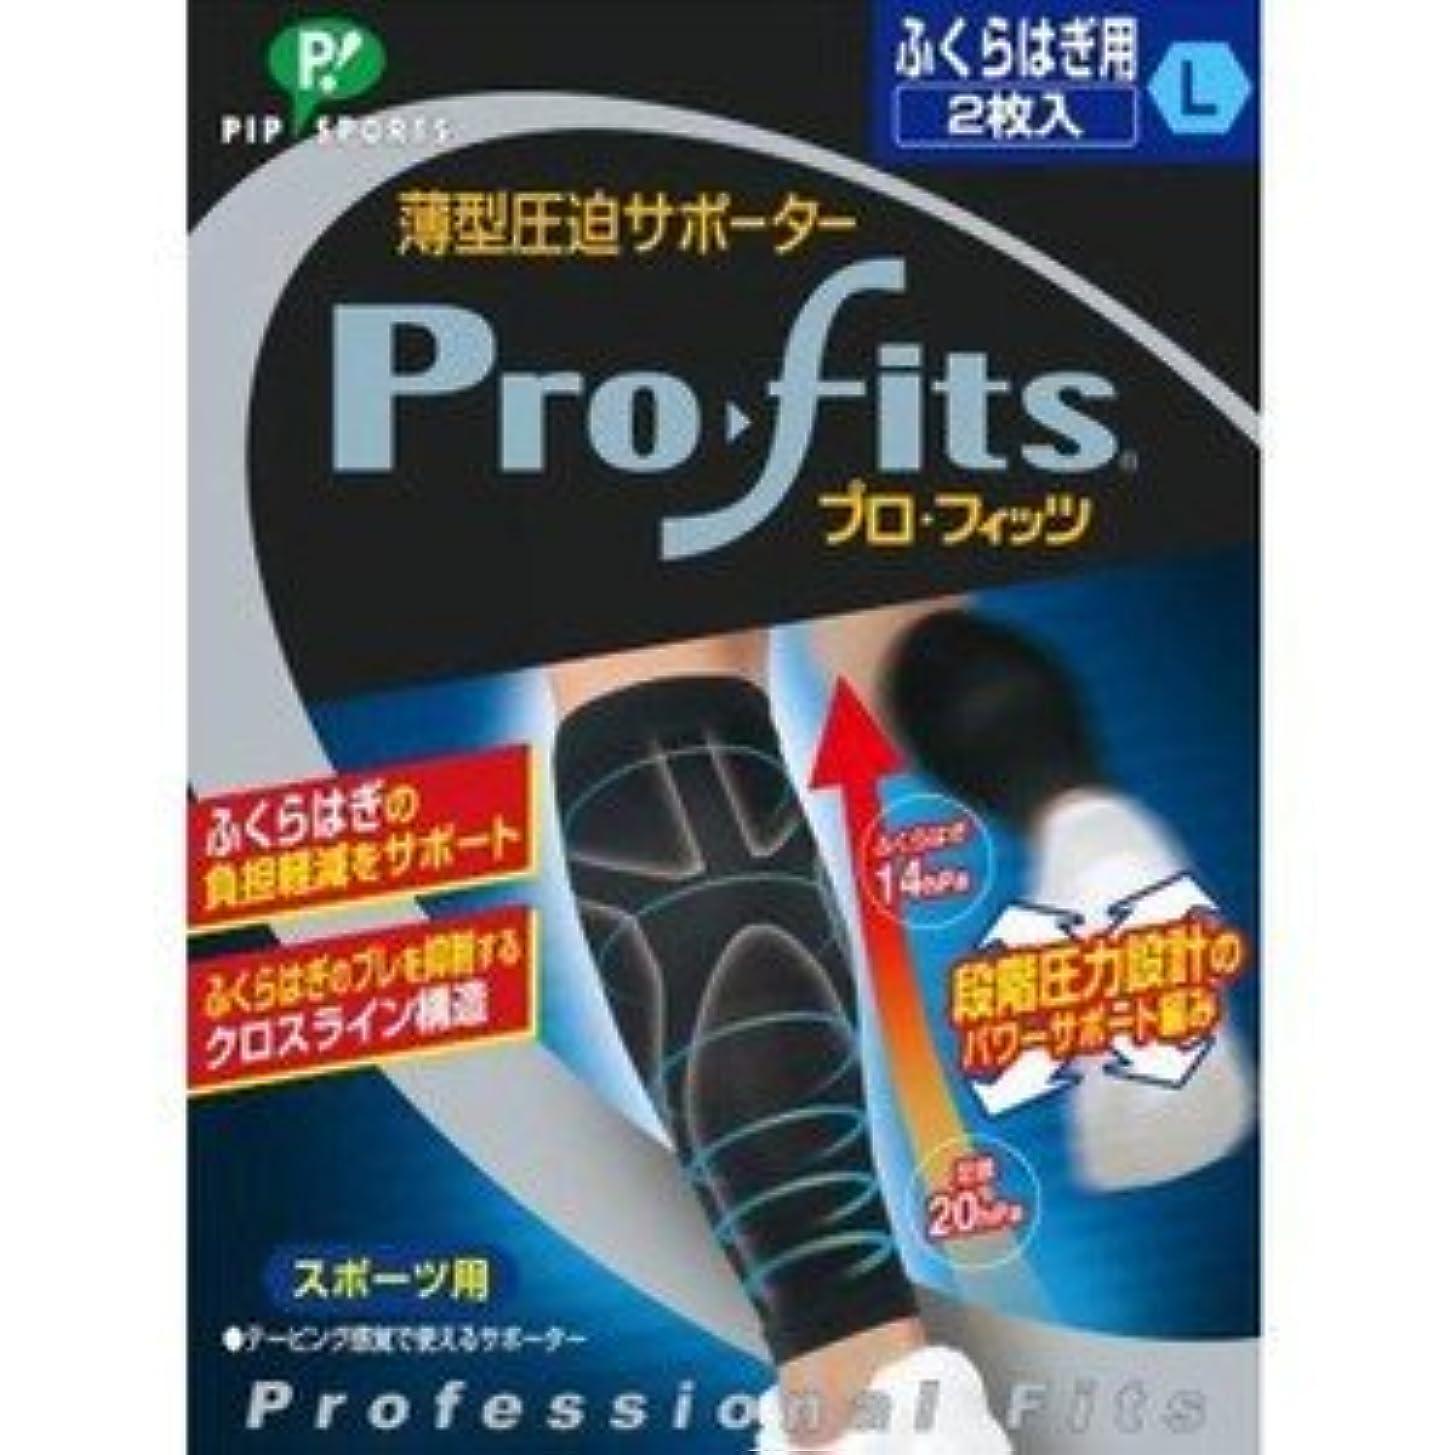 確かに弾力性のあるうま【ピップ】プロフィッツ 薄型圧迫サポーター ふくらはぎ用 Lサイズ2枚入